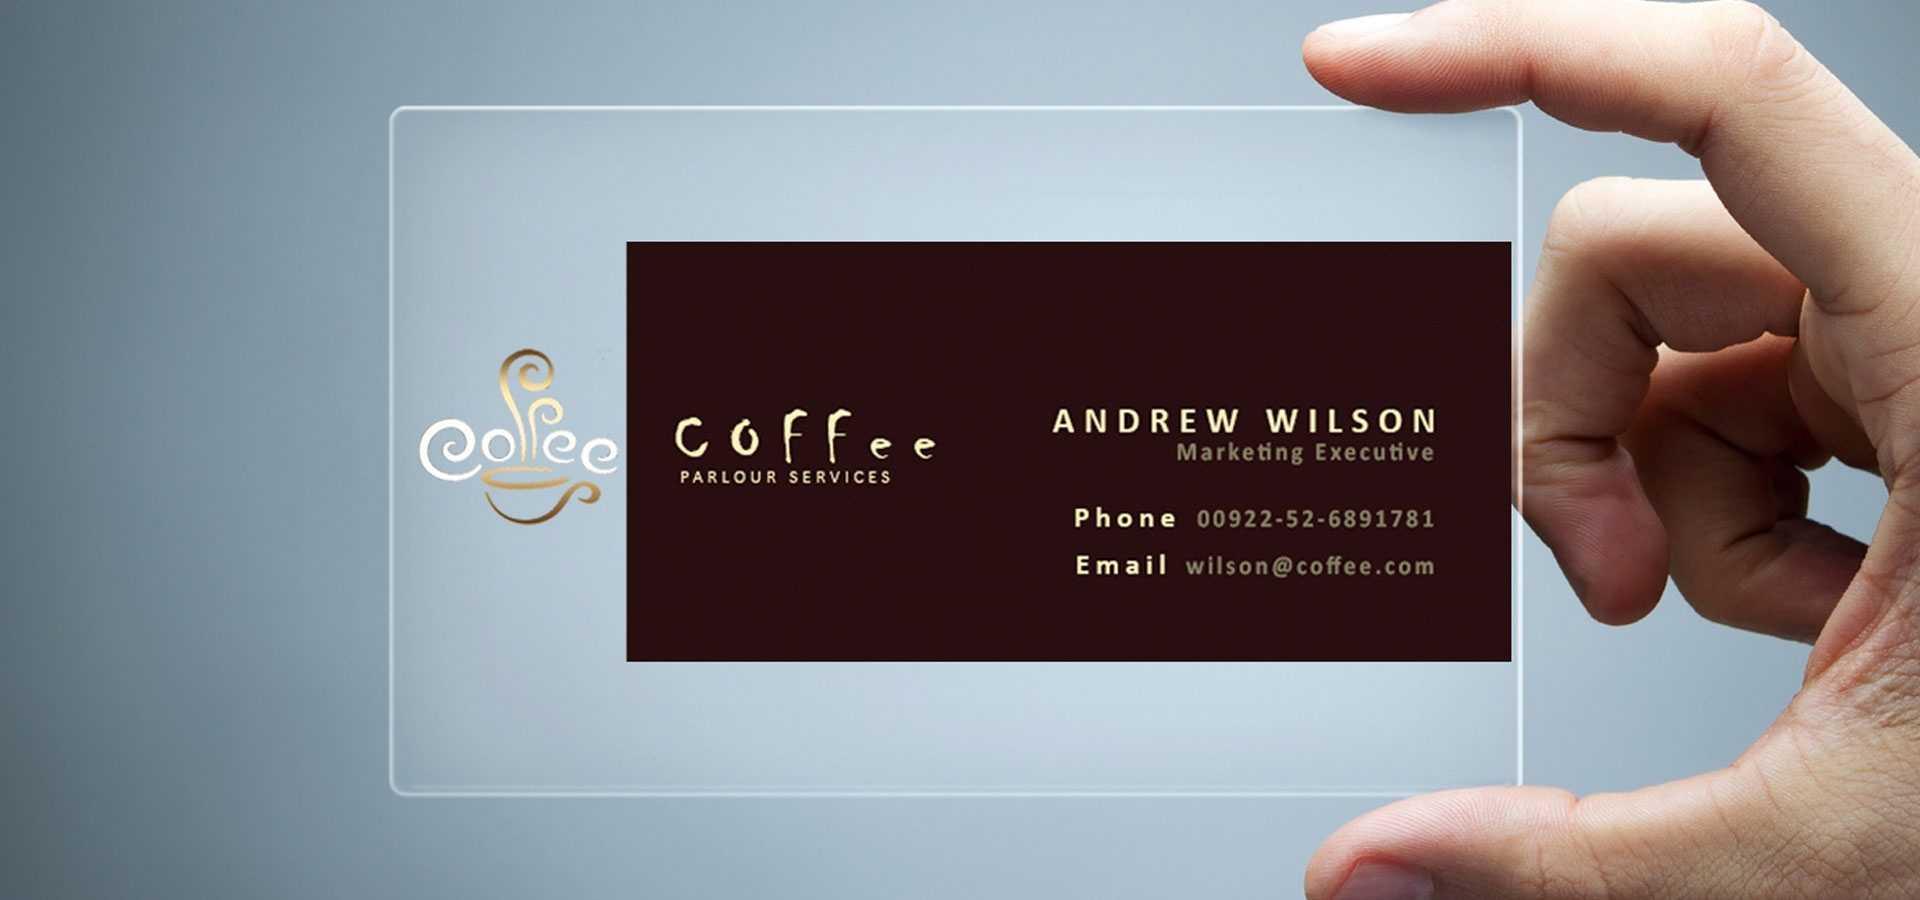 26+ Transparent Business Card Templates - Illustrator, Ms Regarding Pages Business Card Template